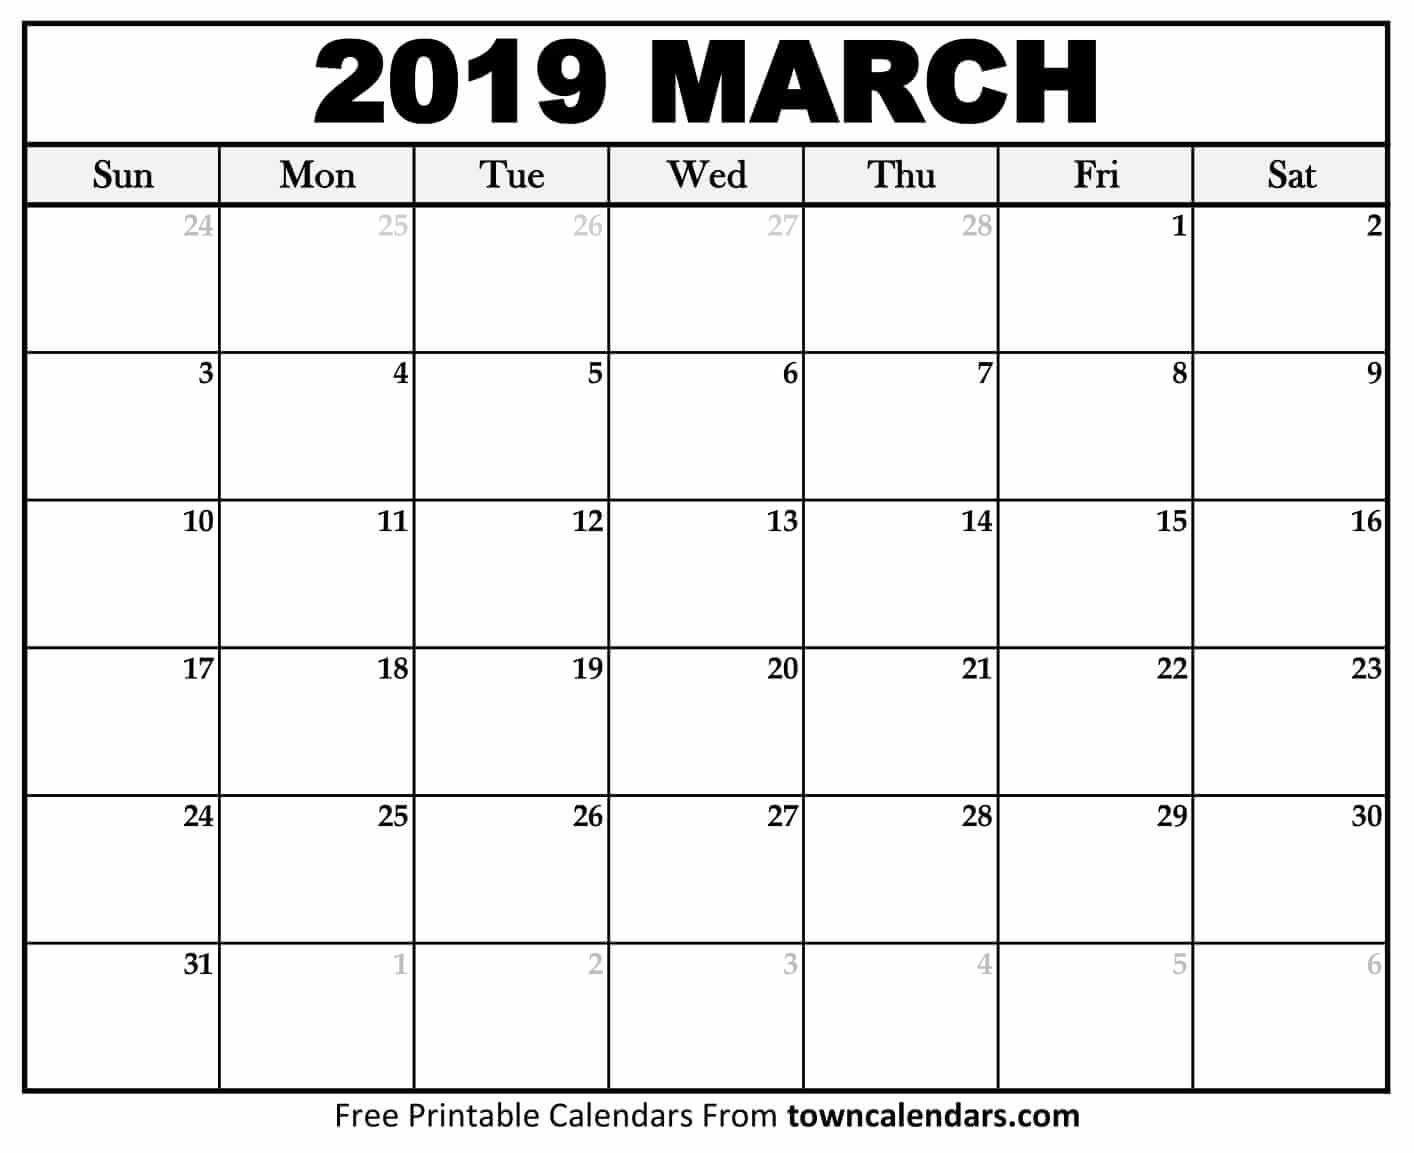 Printable March 2019 Calendar – Towncalendars March 1 2019 Calendar